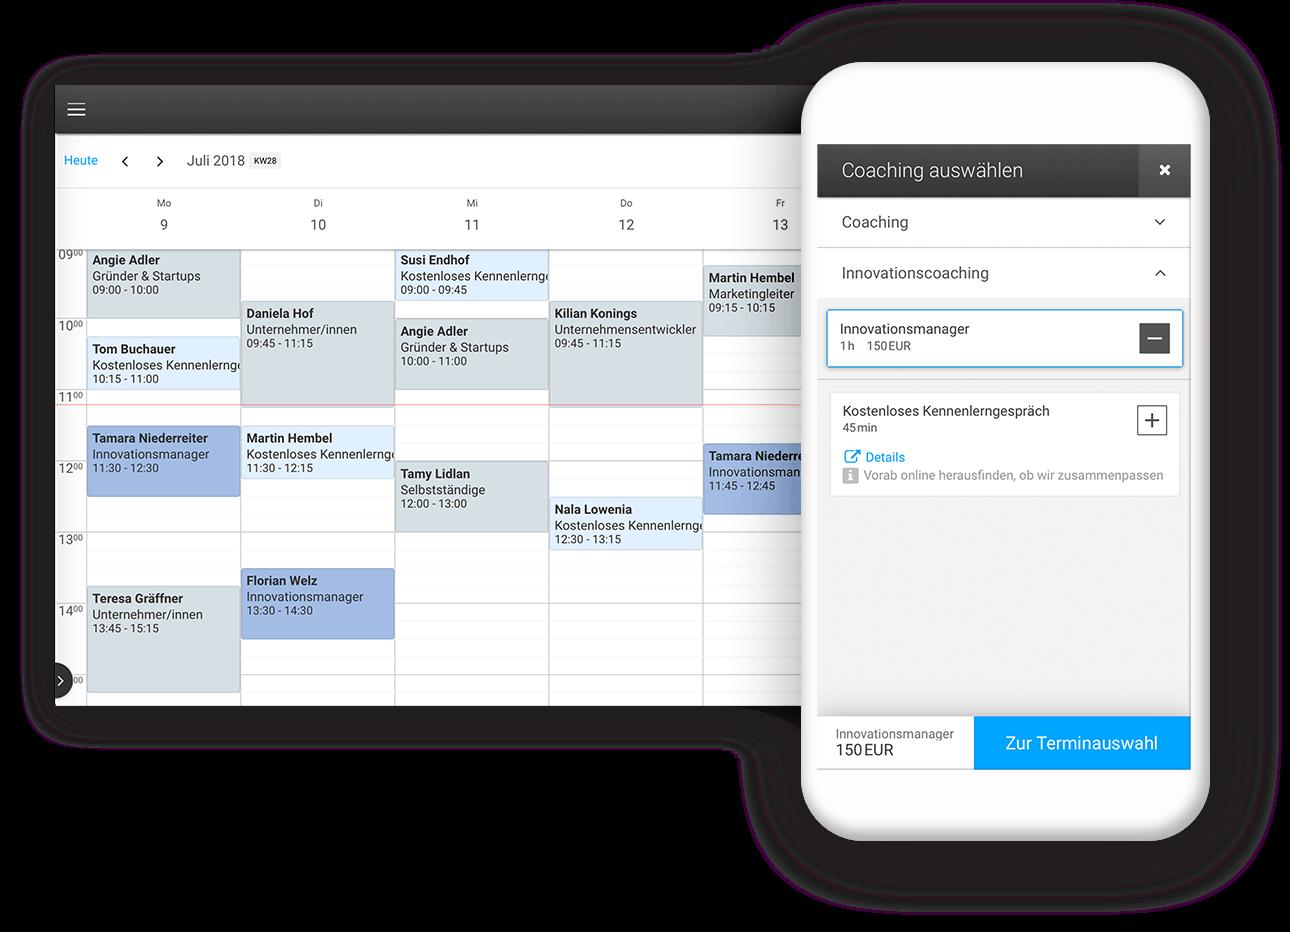 Profitieren Sie von der digitalen Terminverwaltung unserer Coaching-Software